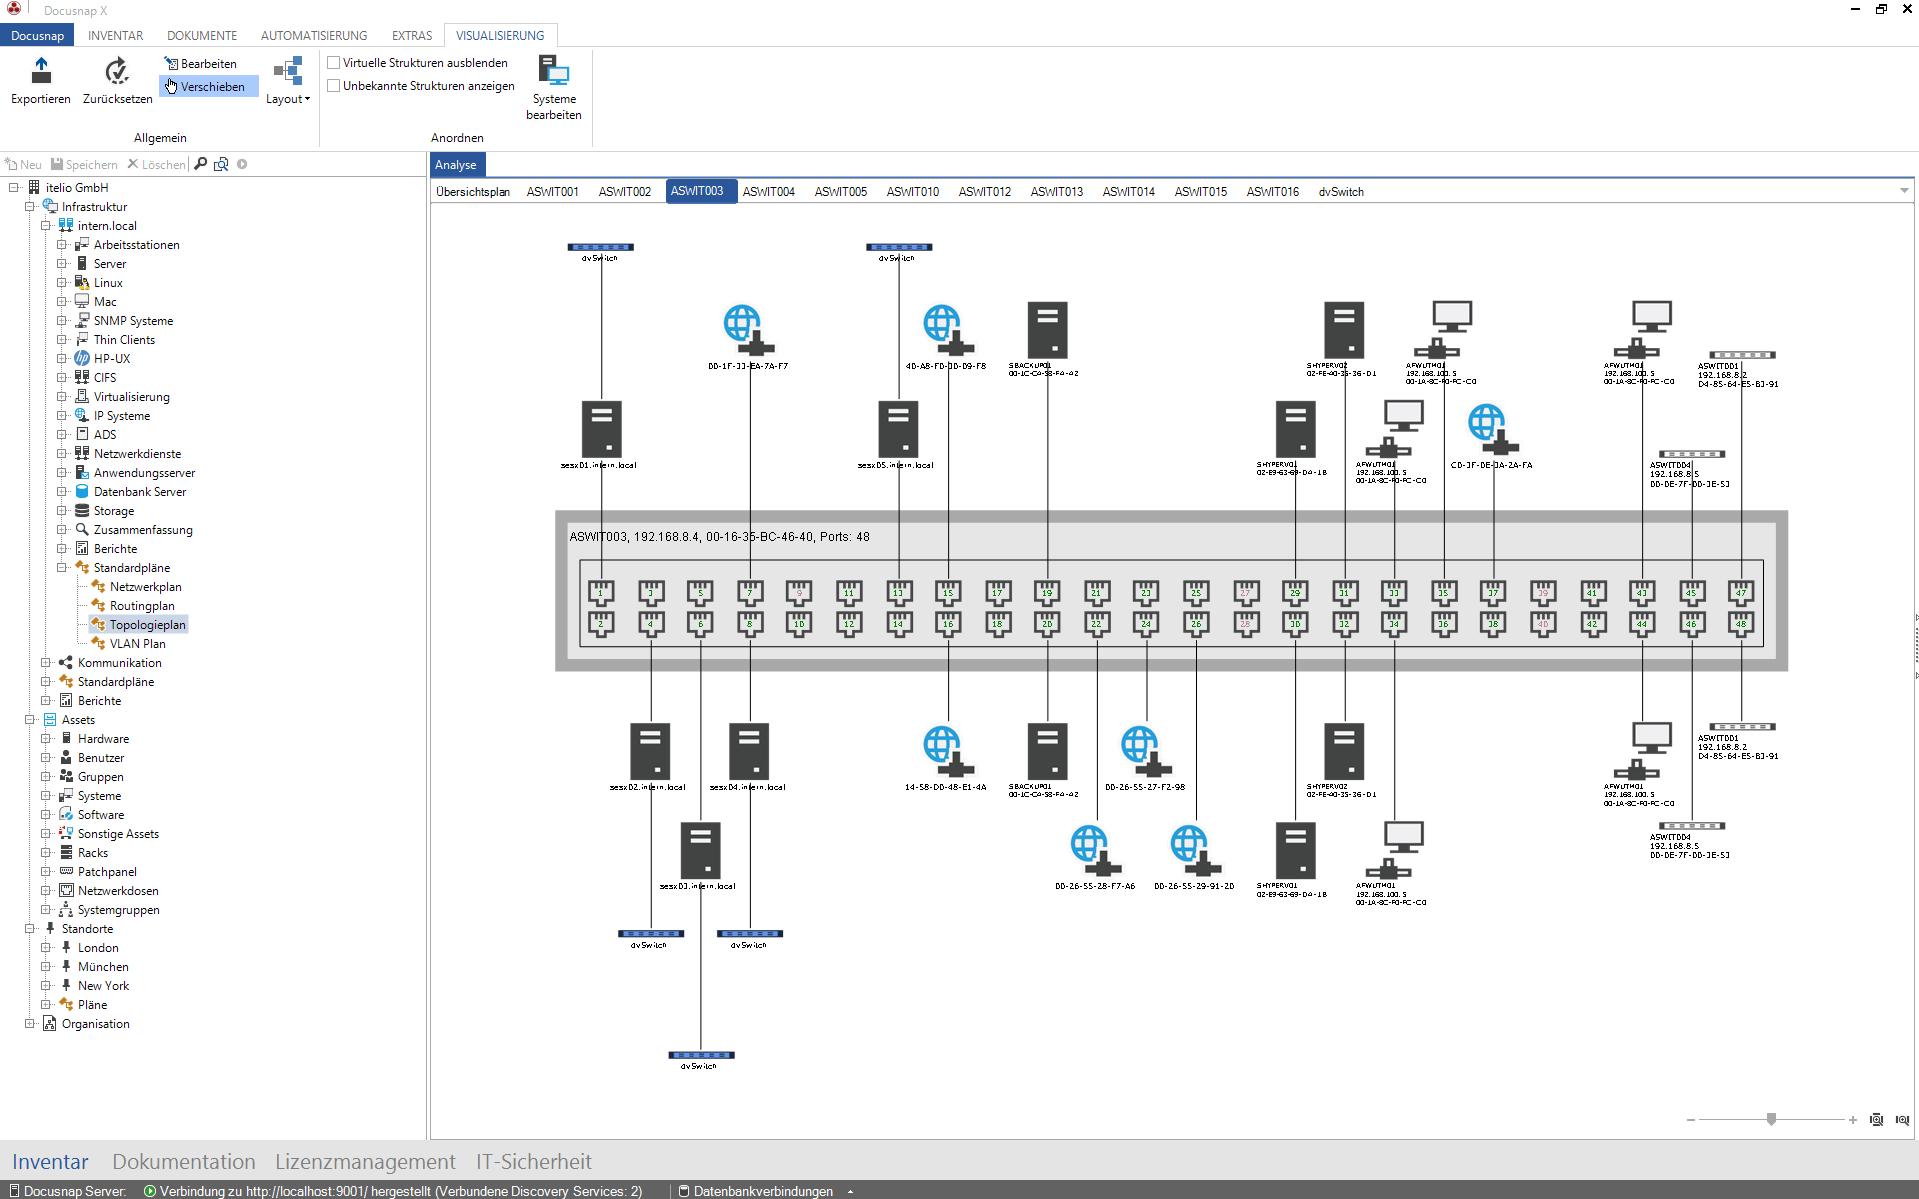 Darstellung Core Switch Frontpanel in Netzwerkdokumentation